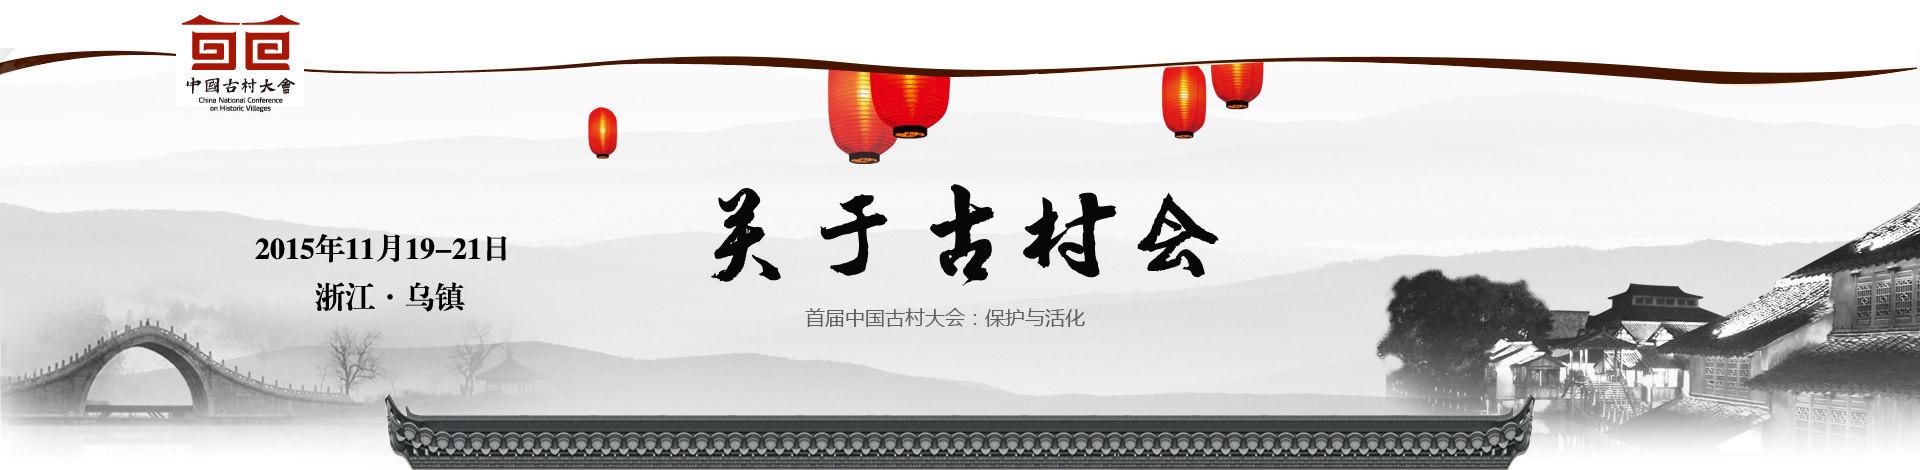 2015首届中国古村大会